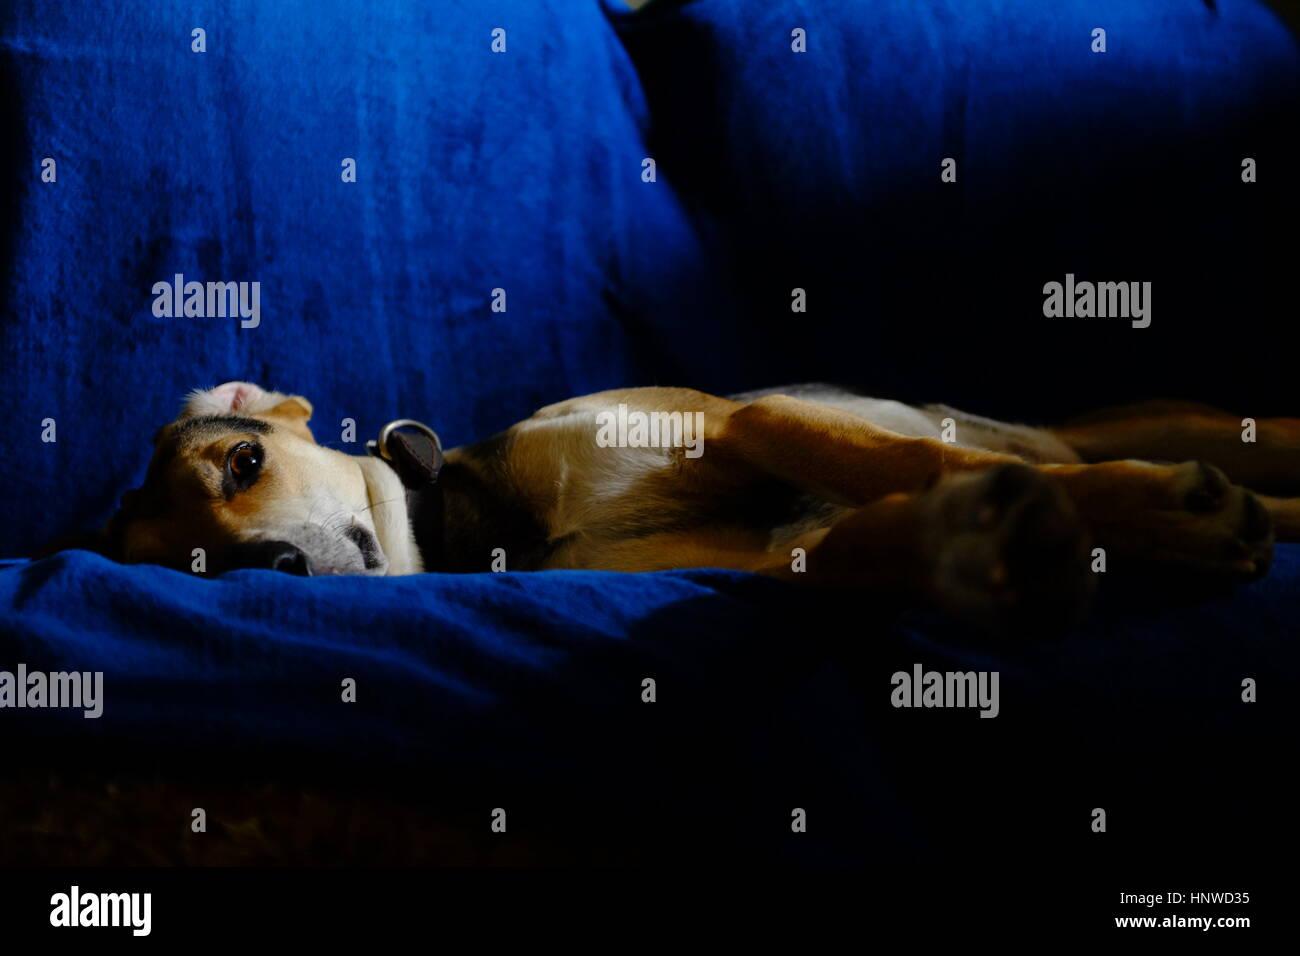 Hund ruht auf einer blauen couch Stockbild